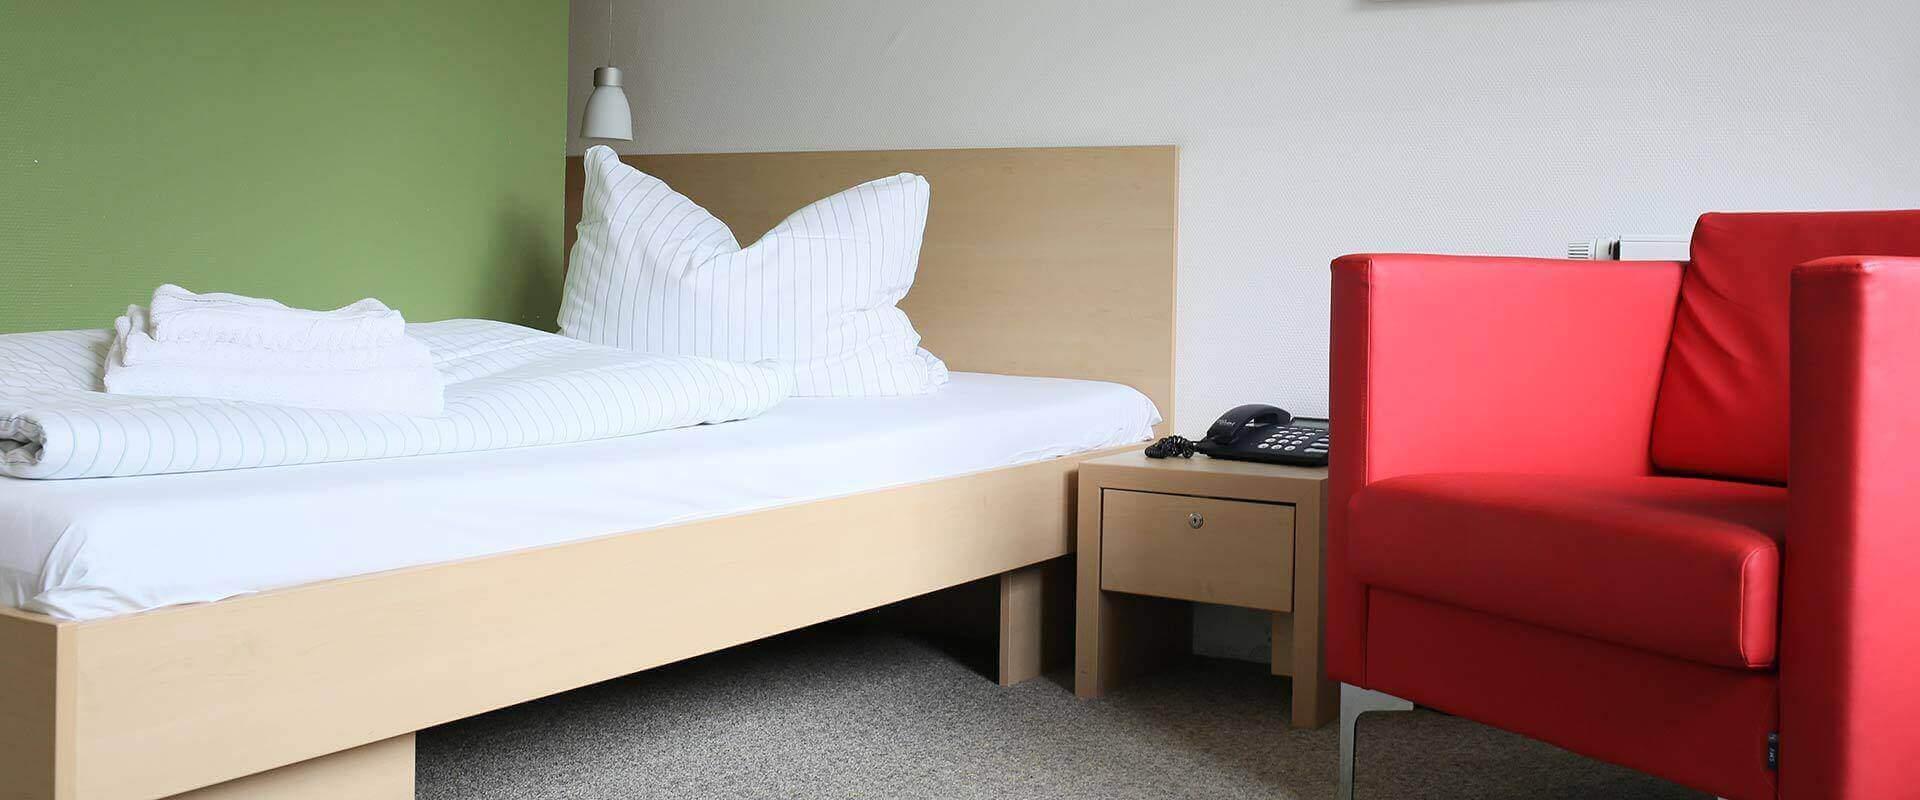 Zimmer mit Bett und Stuhl in dem MEDIAN Zentrum für Verhaltensmedizin Bad Pyrmont – Klinik für Psychosomatik